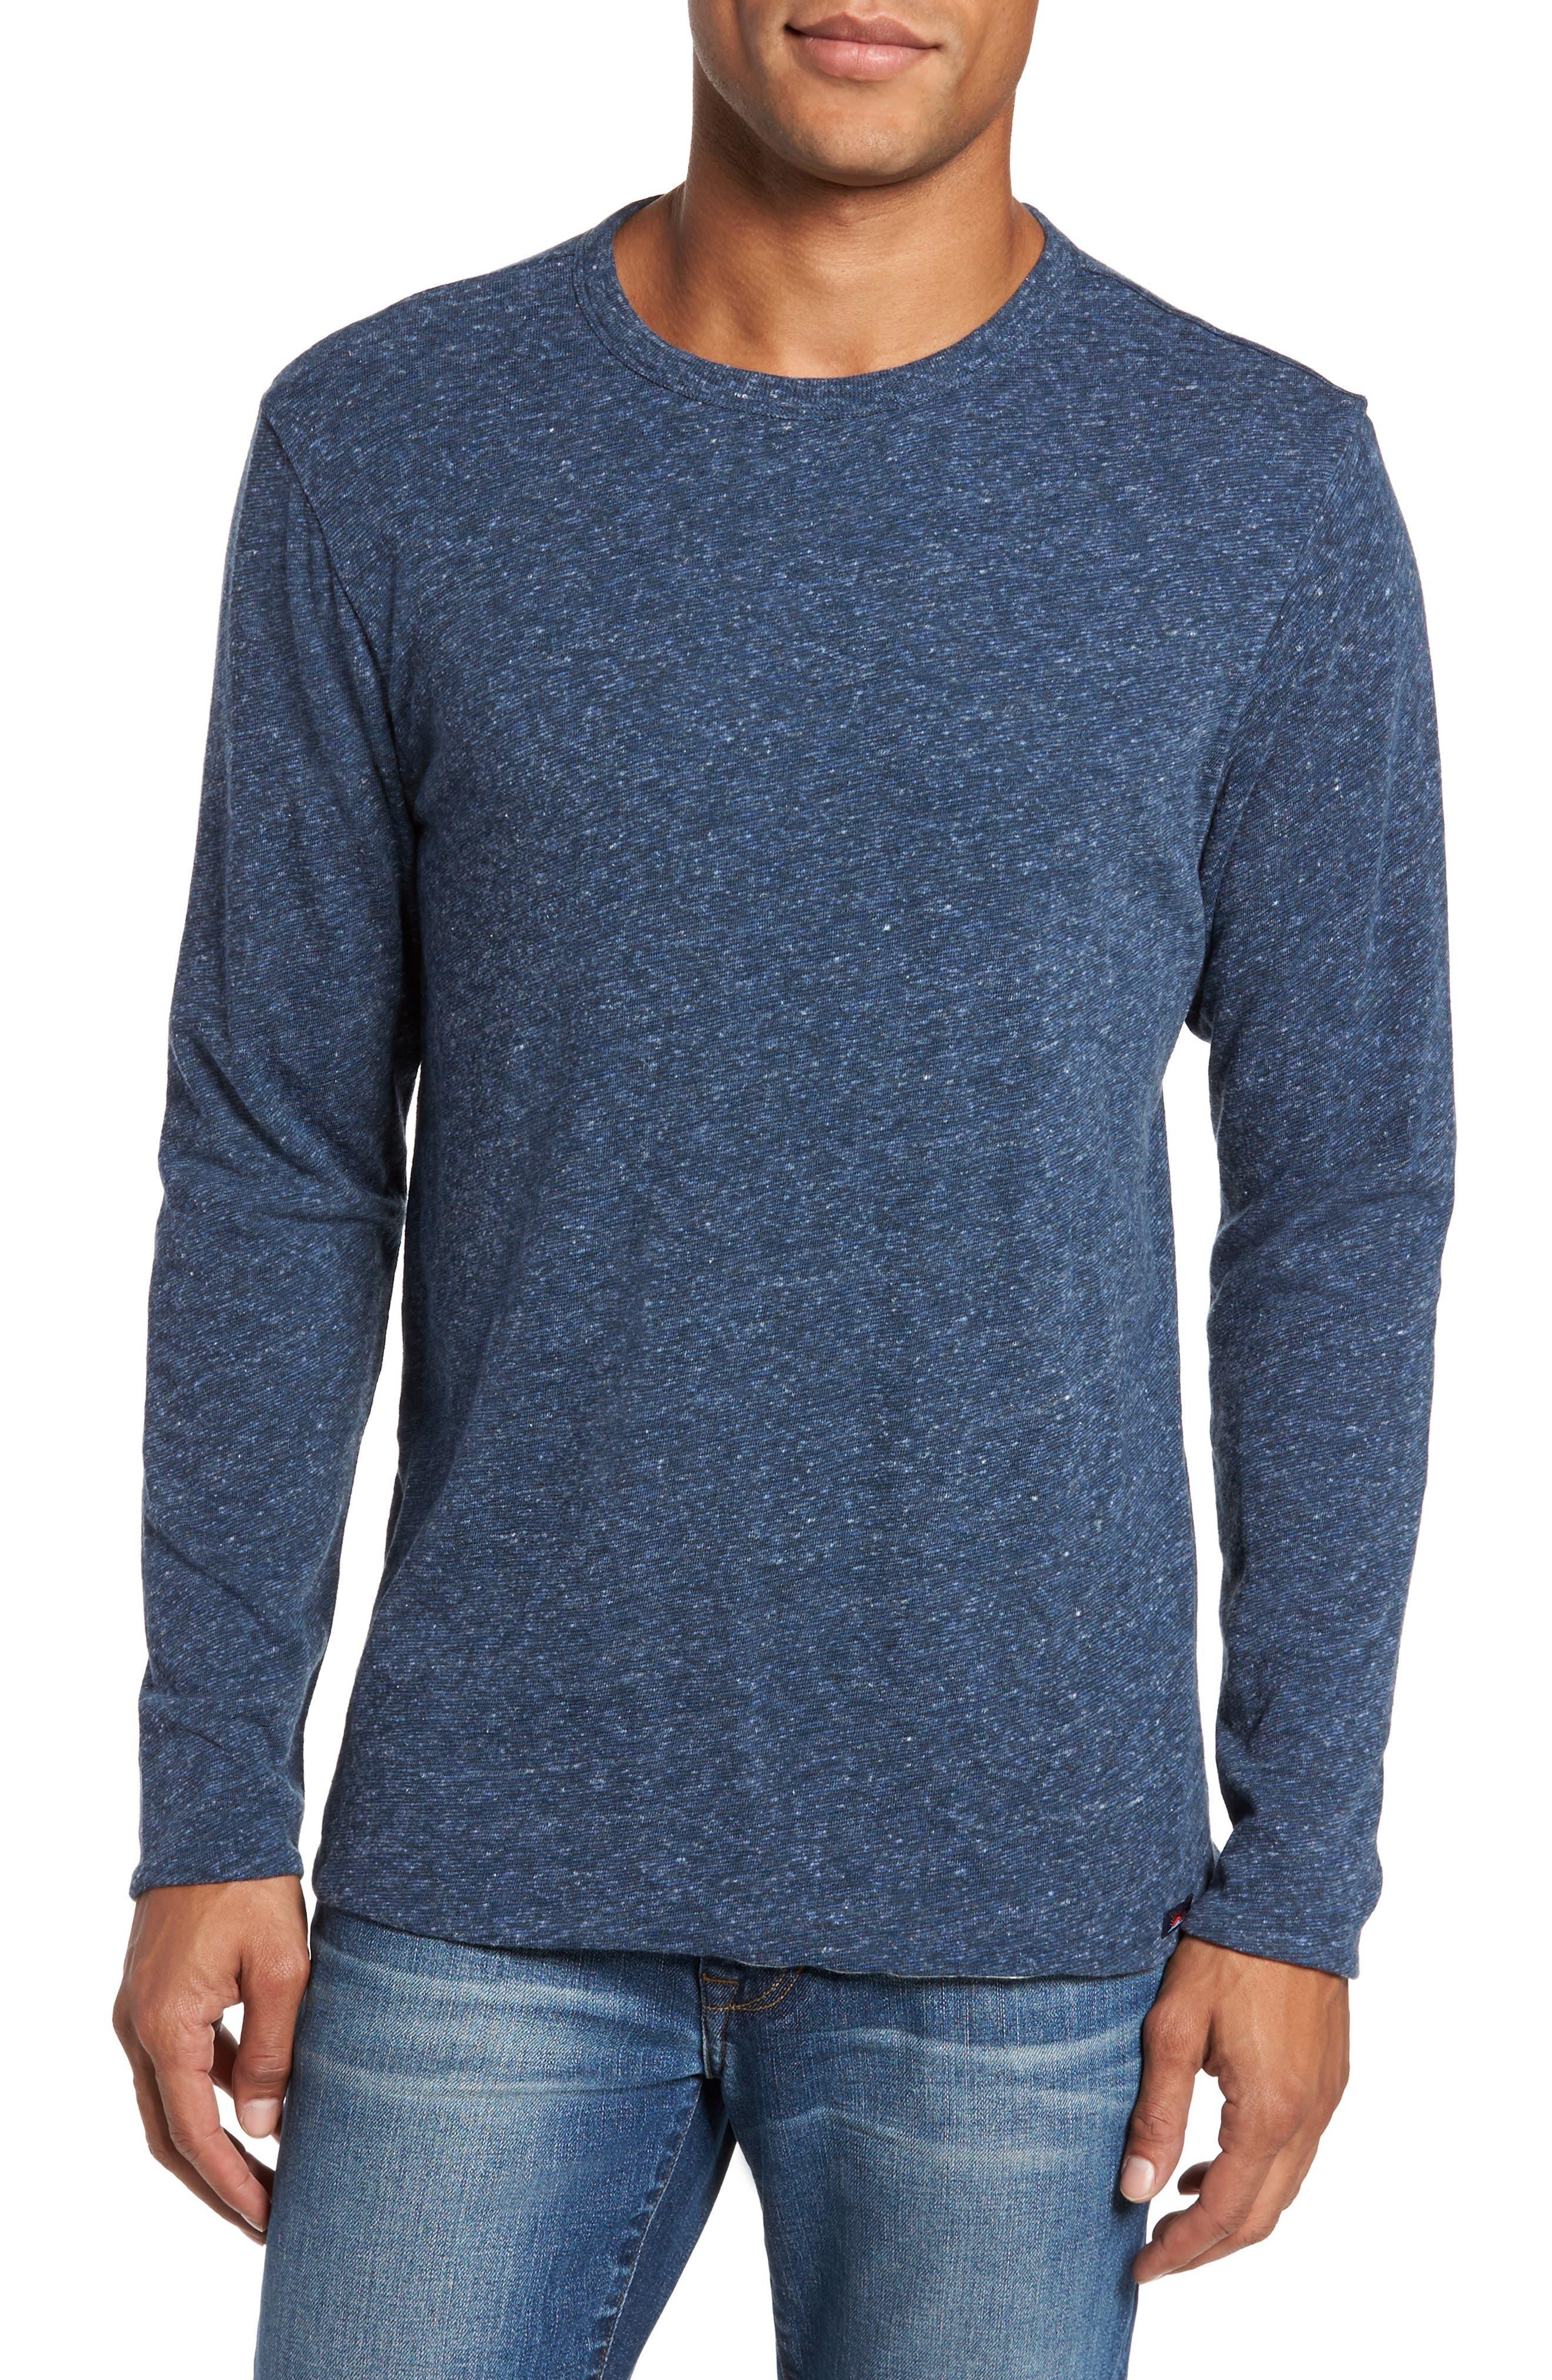 Heathered Reversible Long Sleeve Crewneck T-Shirt,                             Main thumbnail 1, color,                             Navy / Grey